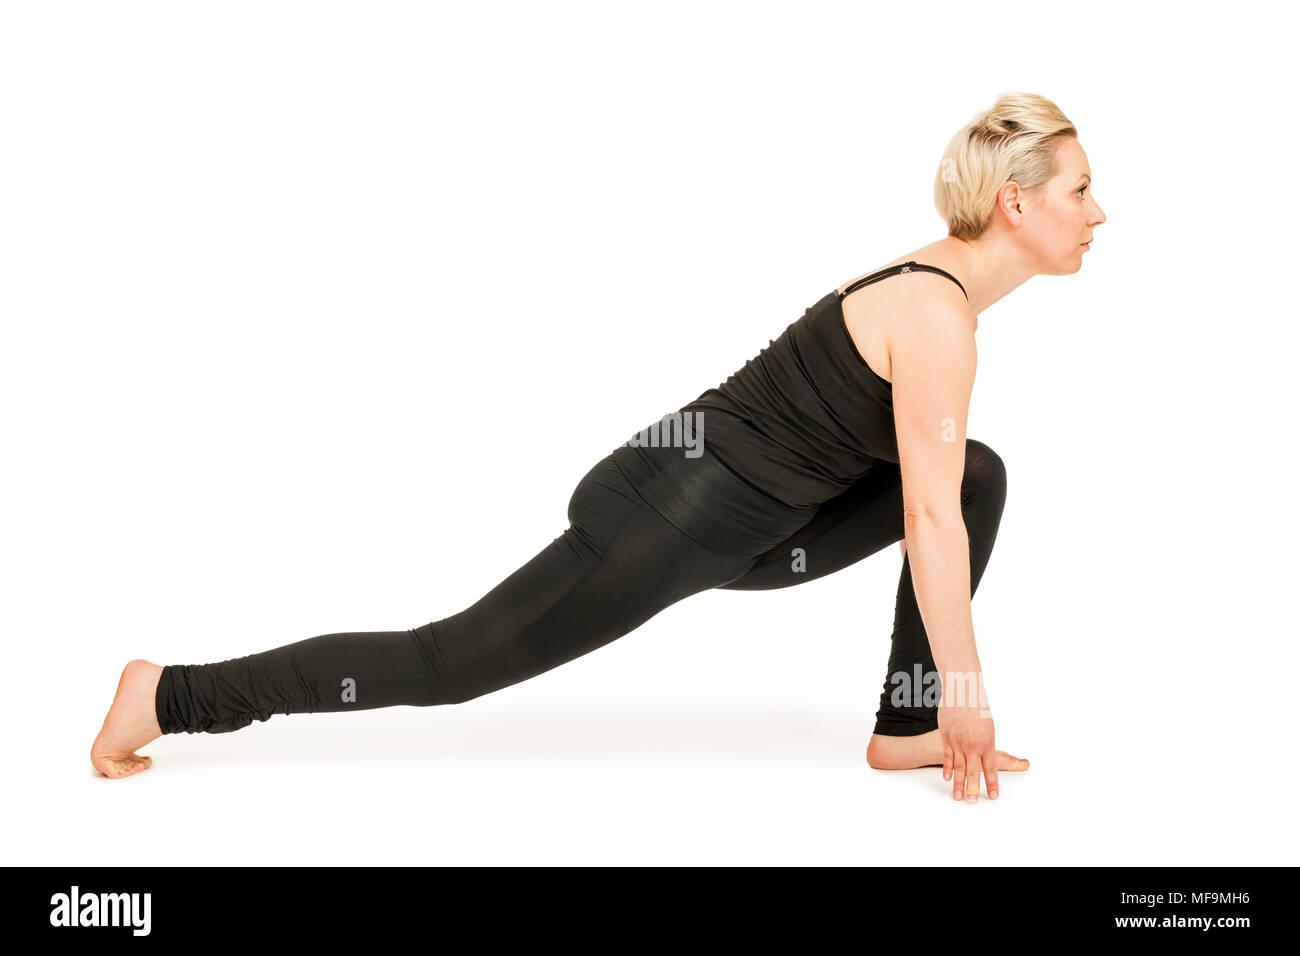 Seitliche Ganzkörper-Ansicht einer jungen Frau vor weißen Hintergrund die Yoga-Übung Ausfallschritt aus dem nach unten gerichteten Hund (adho mukha) - Stock Image